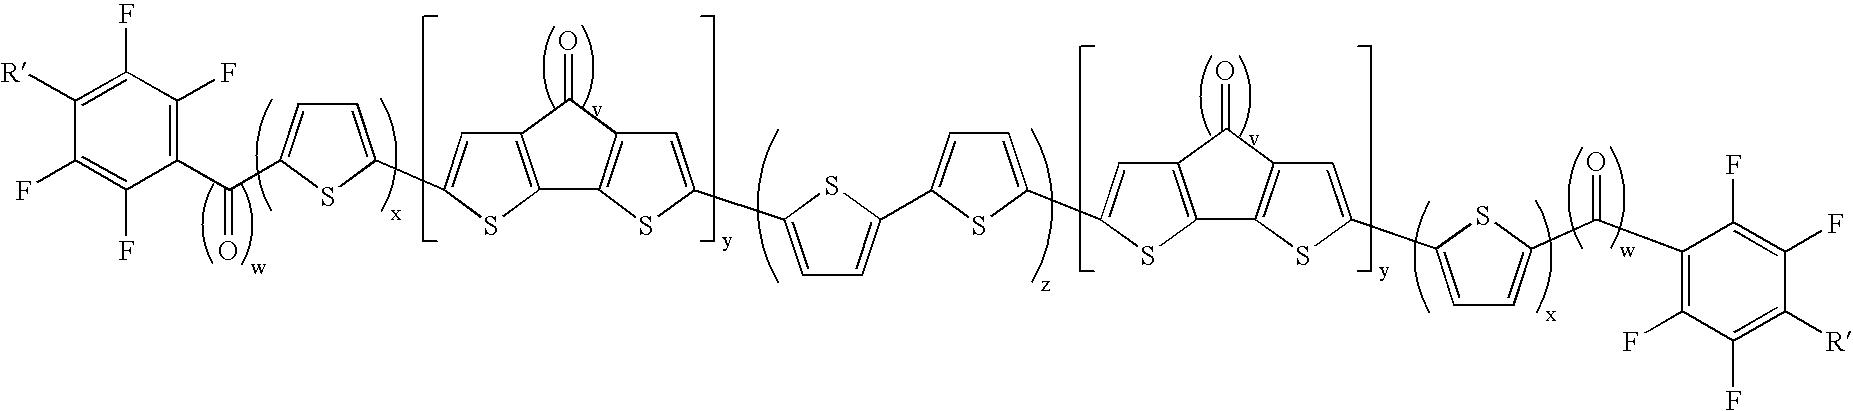 Figure US20060186401A1-20060824-C00017